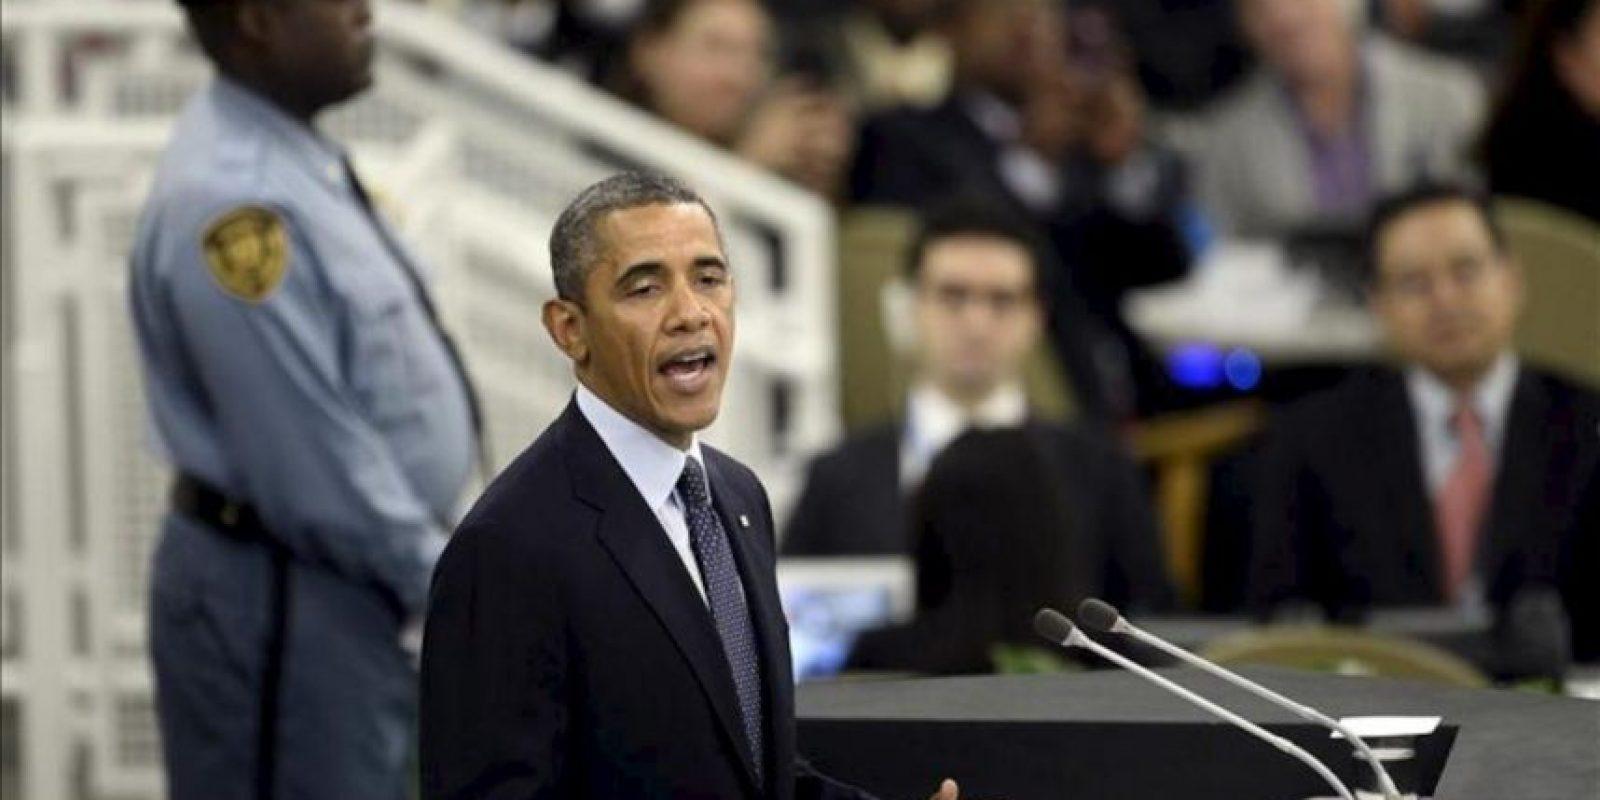 El presidente de Estados Unidos, Barack Obama, fue registrado este martes durante su intervención en el debate general de la 68ª sesión de la Asamblea General de Naciones Unidas, en la sede del organismo en Nueva York (EE.UU.). EFE